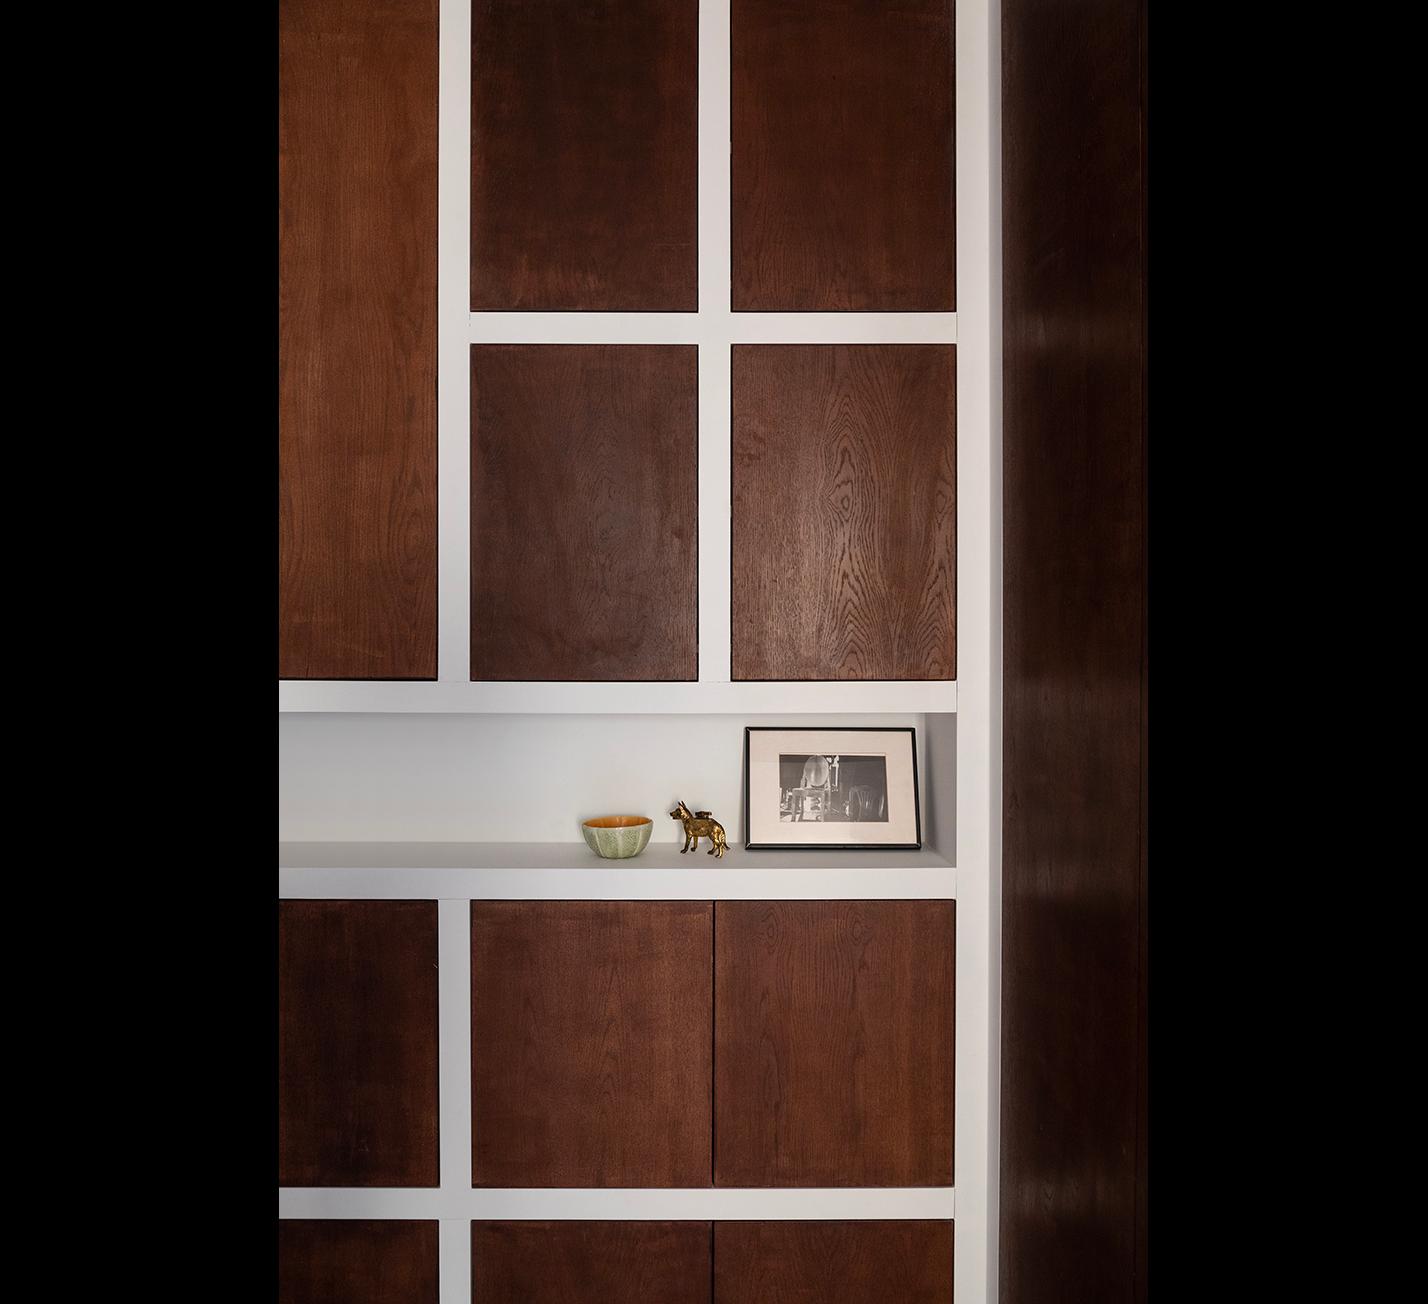 Appartement-Léon-paris-rénovation-architecture-paris-construction-atelier-steve-pauline-borgia-2